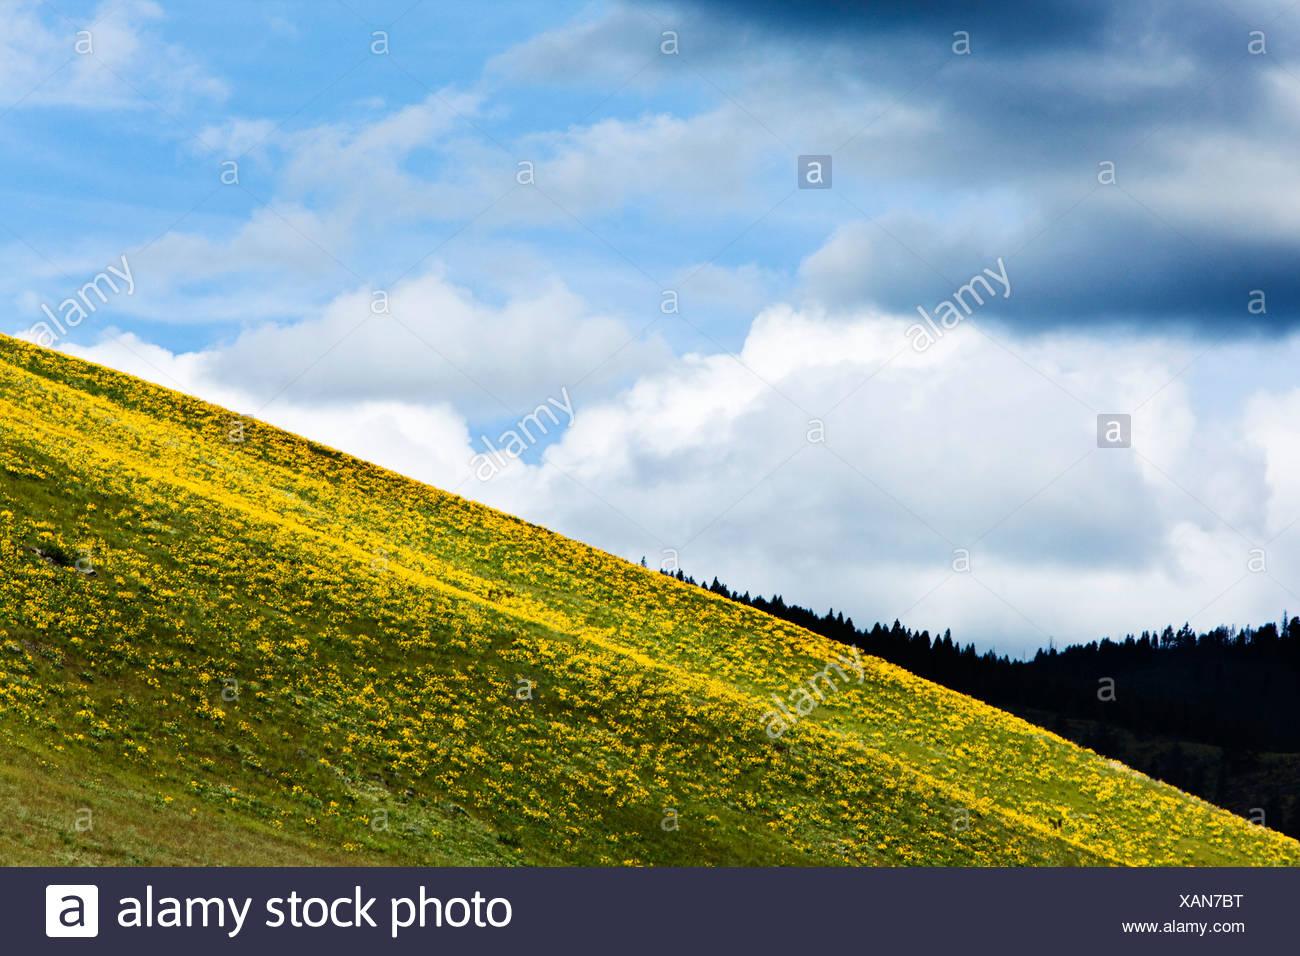 Une colline de fleurs sauvages fleurir sous un ciel orageux, dans le Montana. Banque D'Images